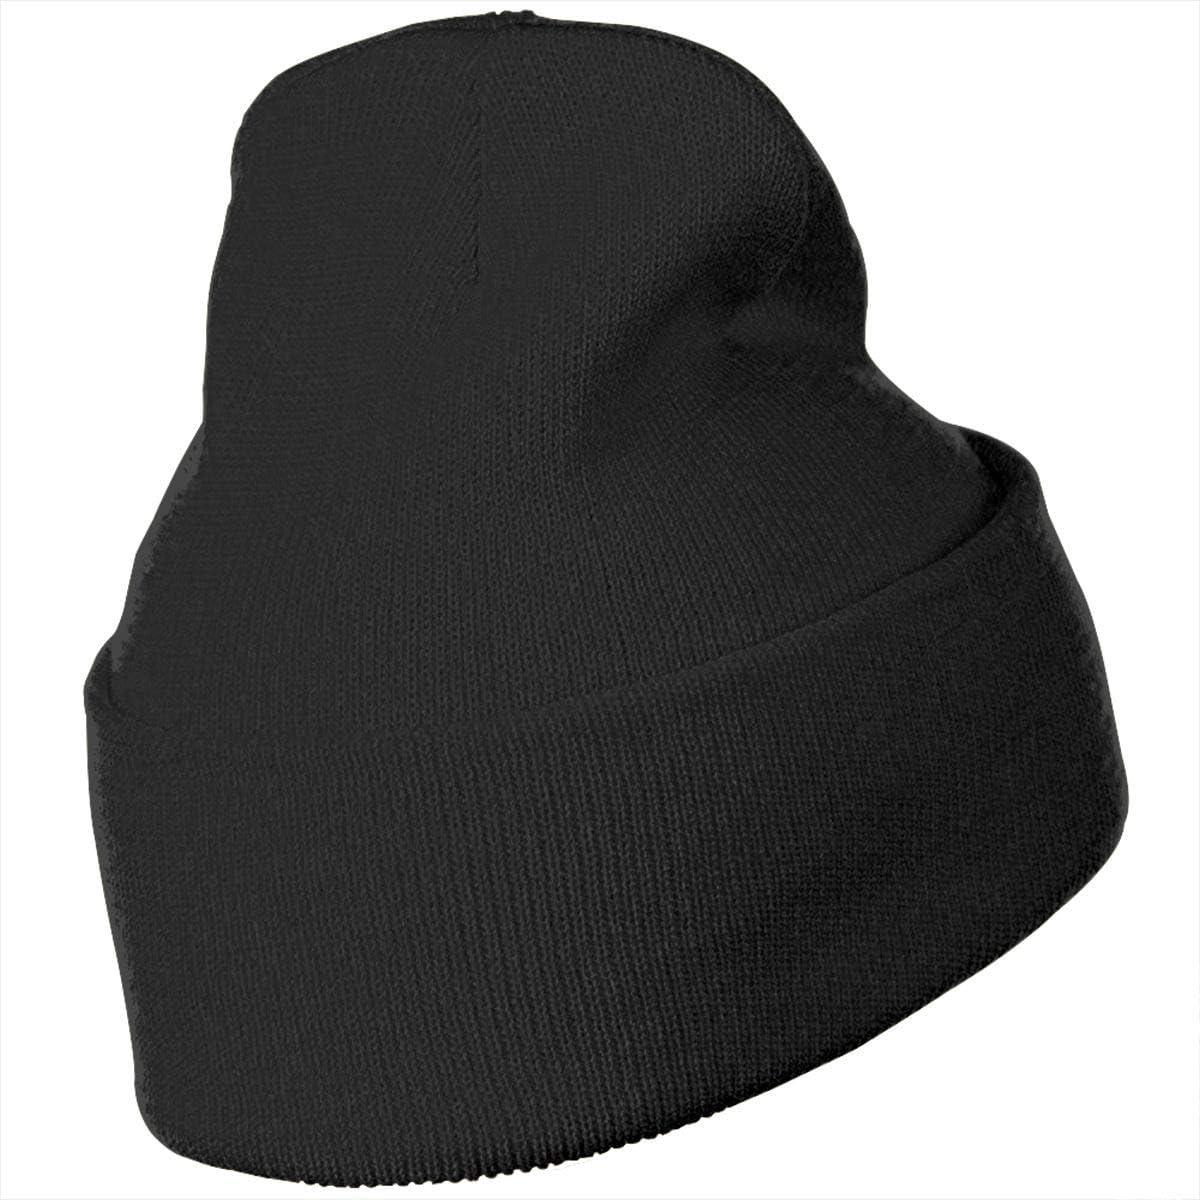 Z-YY PI Unisex Winter Knitting Woolen Hat Warm Cap